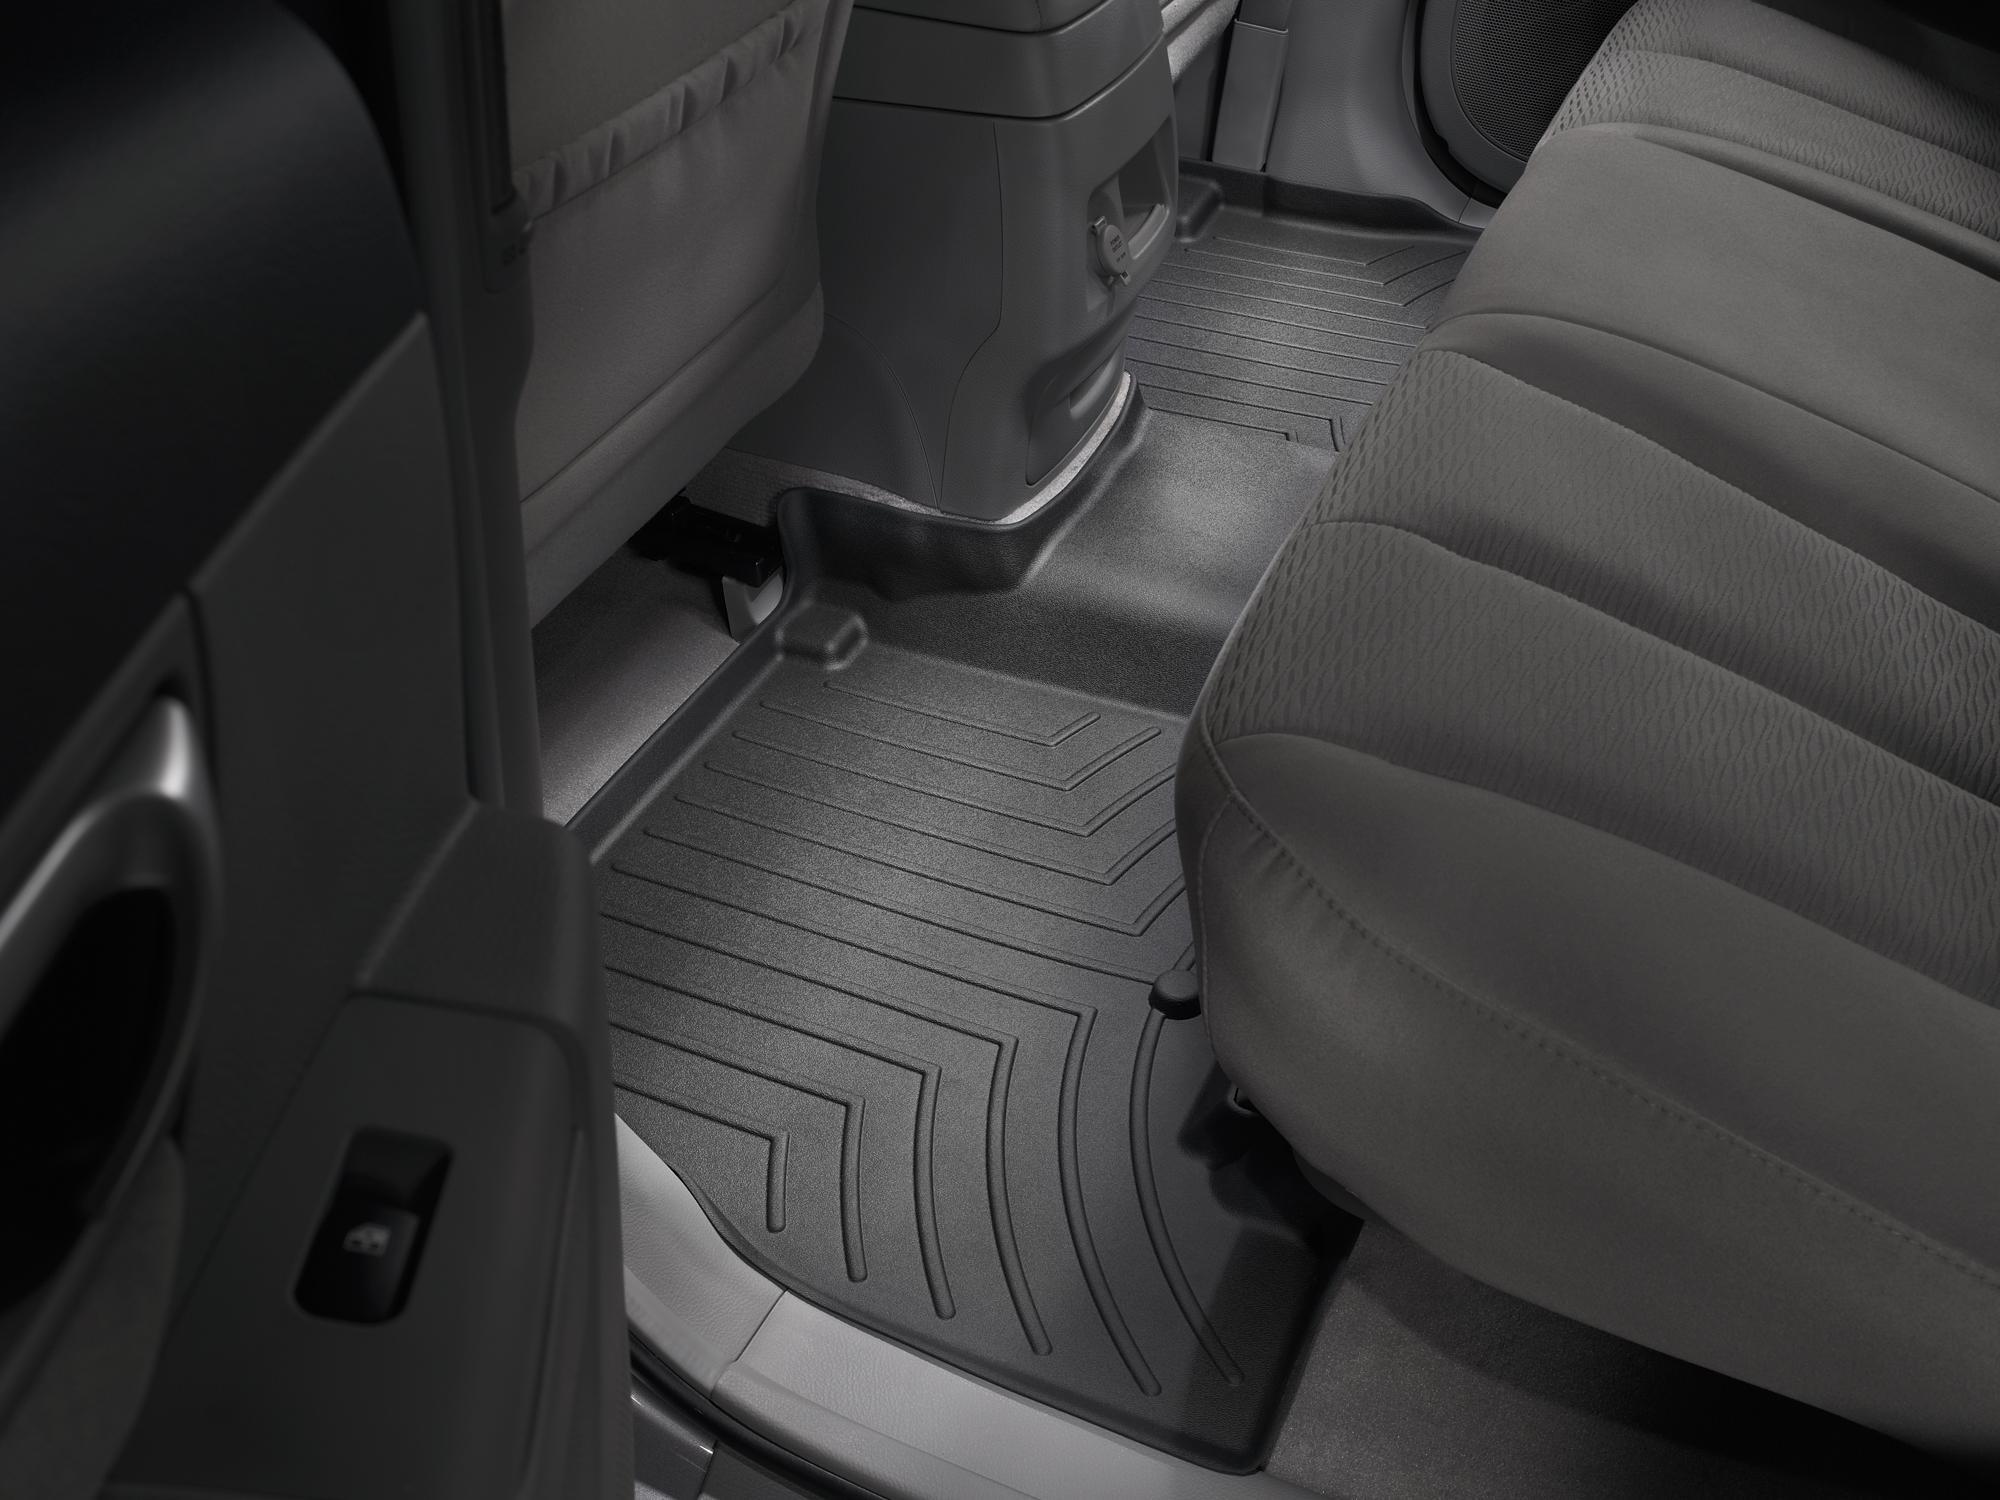 Tappeti gomma su misura bordo alto Hyundai Santa Fe 12>12 Nero A1488